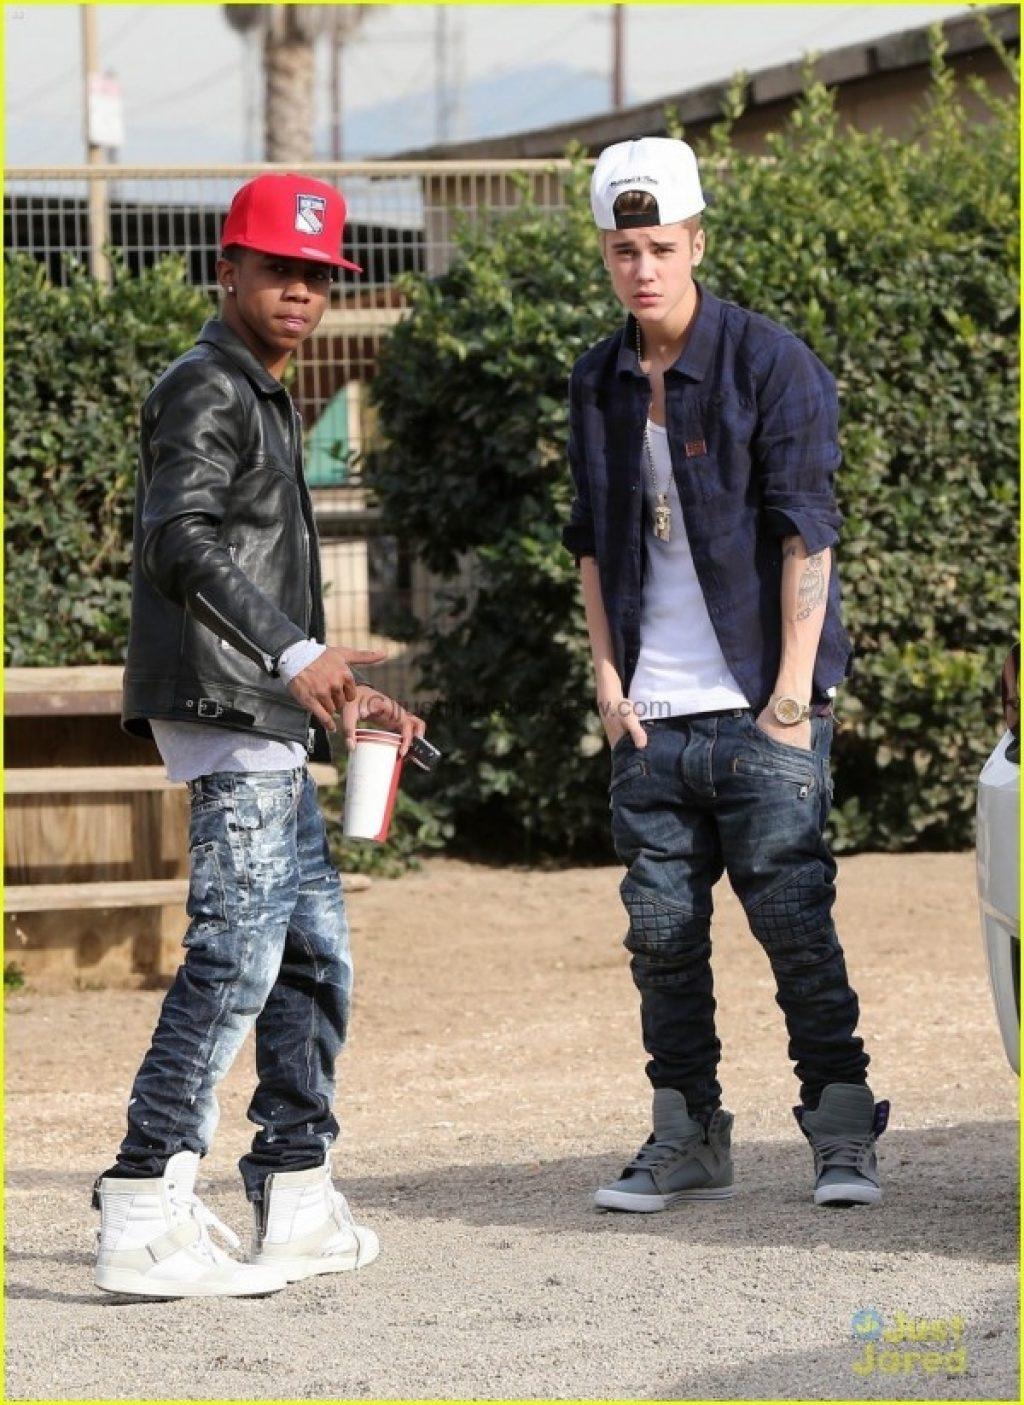 Echte Freunde? Lil Za und Justin Bieber c/o justinbiebercrew.com